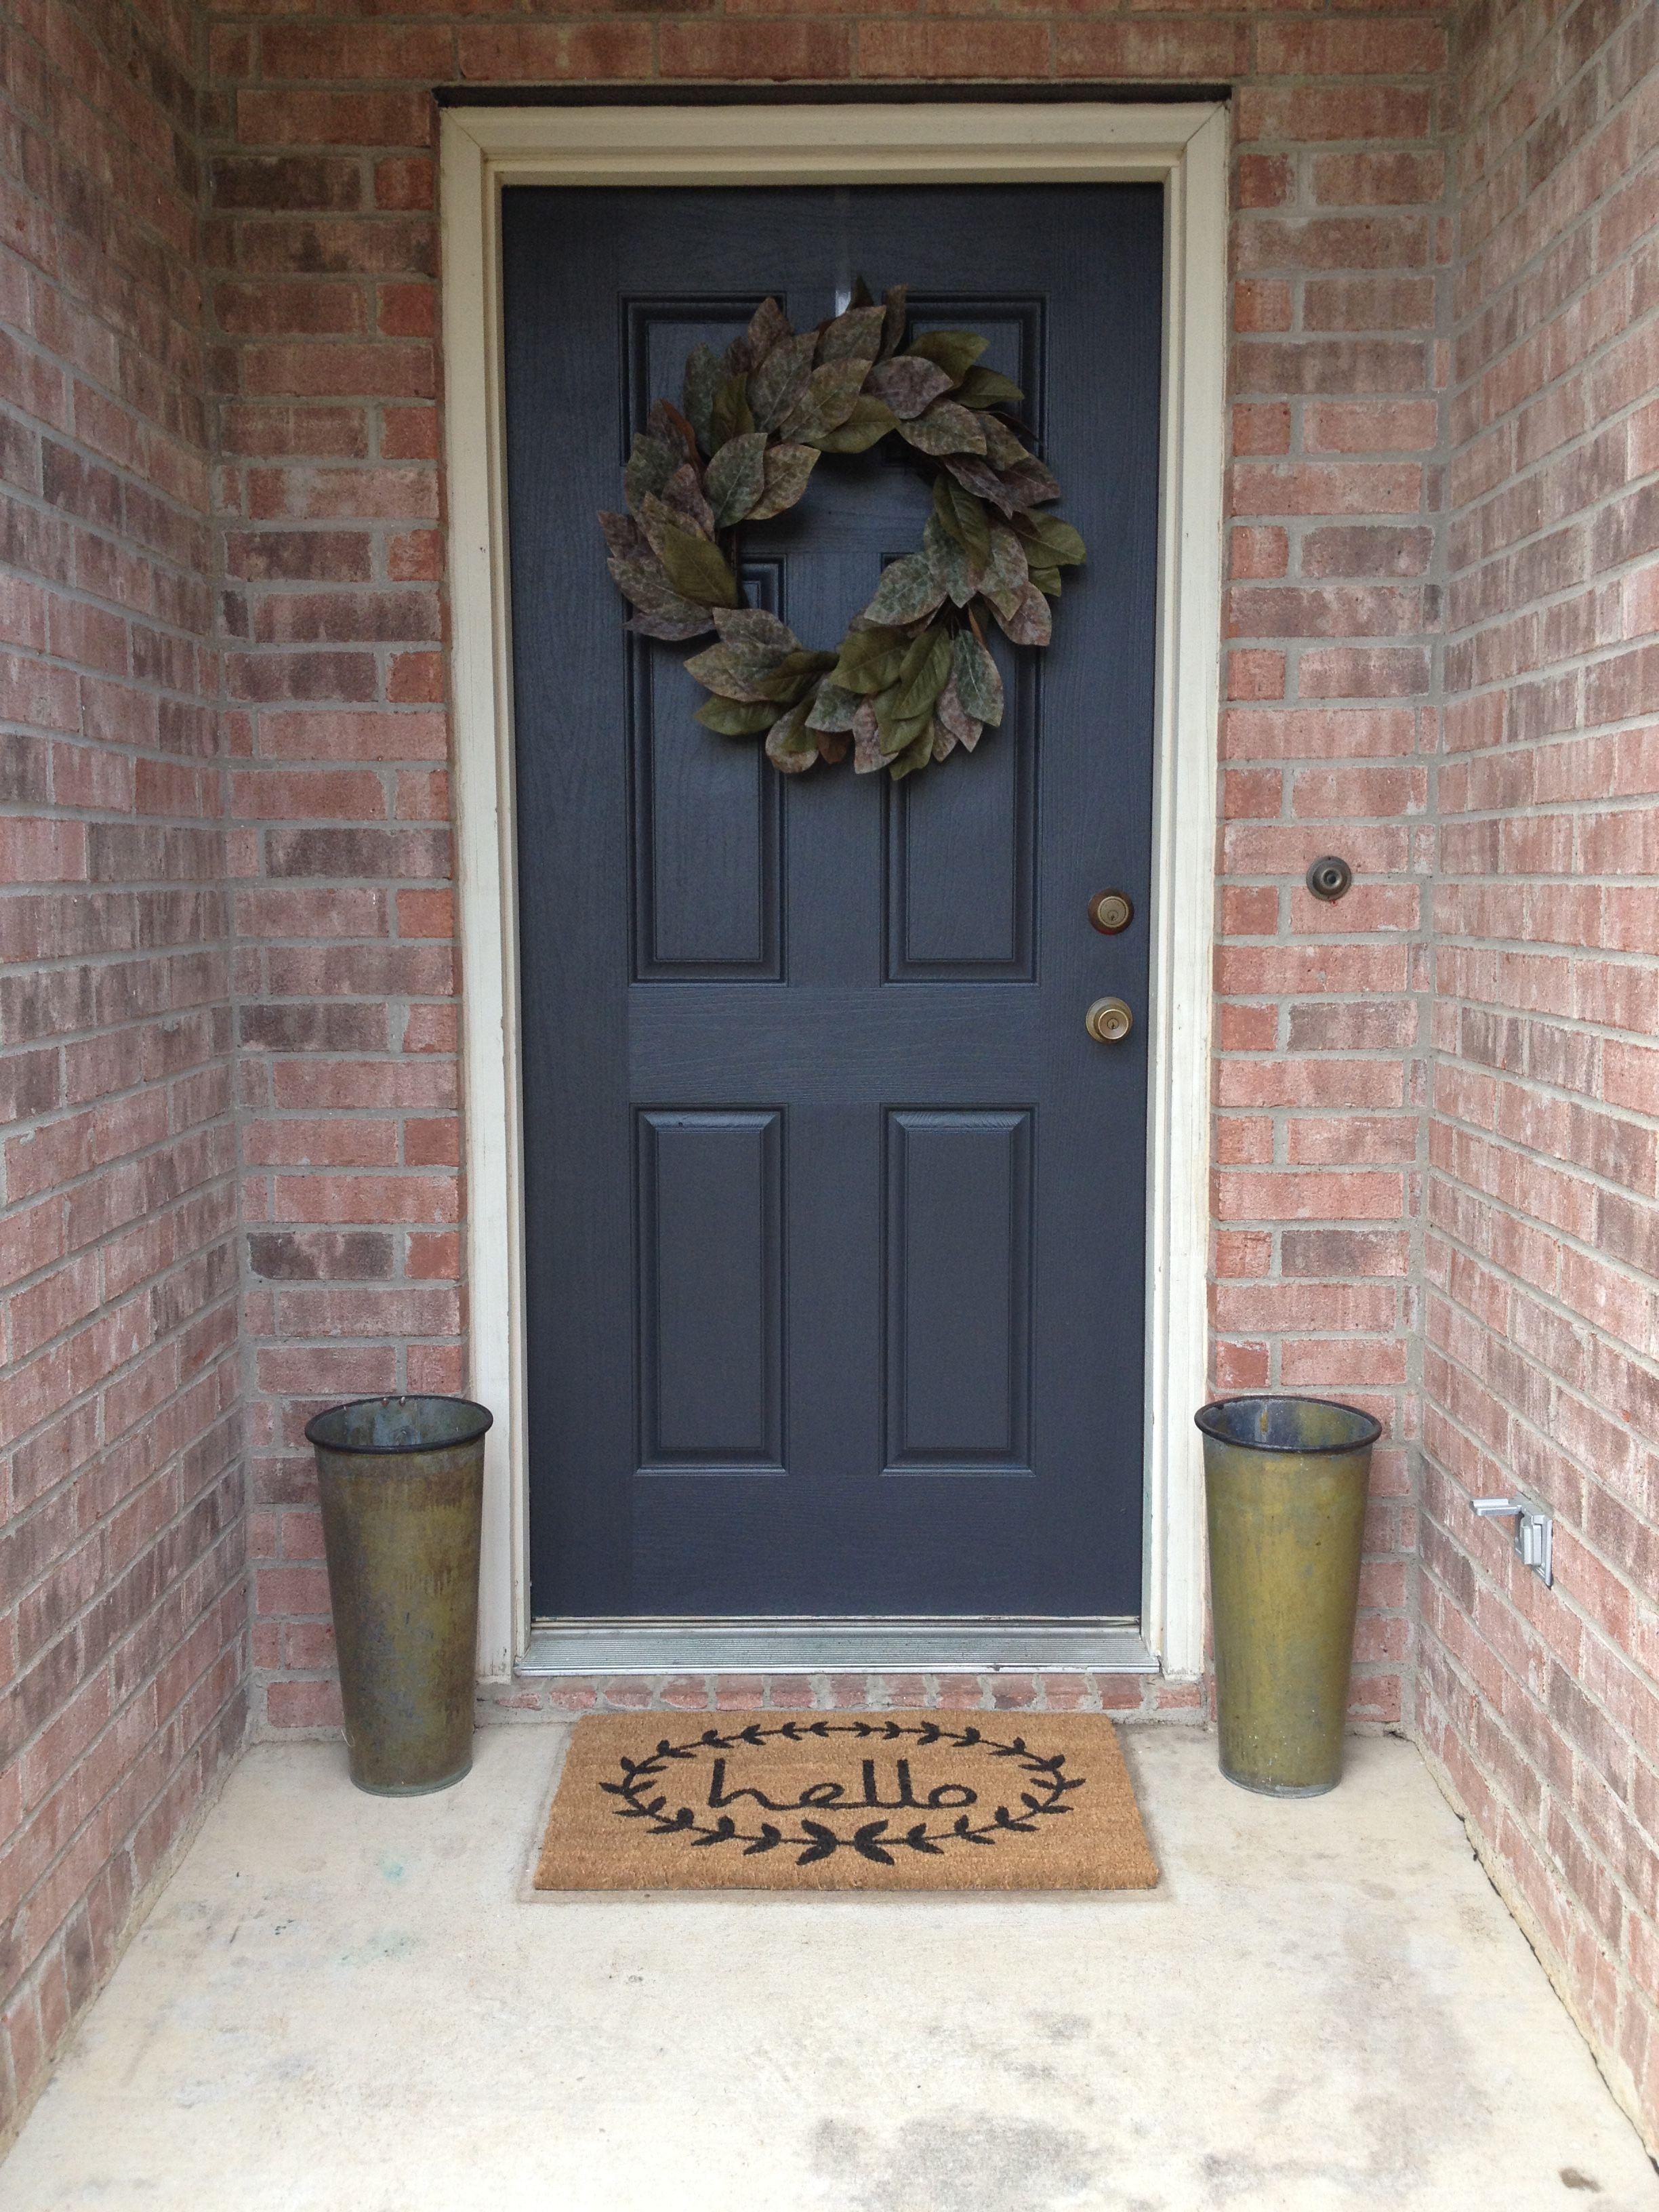 My Updated Front Porch Welcome Mat Joss And Main Door Paint Wrought Iron By Benjamin Moore Flower Buc Painted Front Doors Wrought Iron Paint Painted Doors